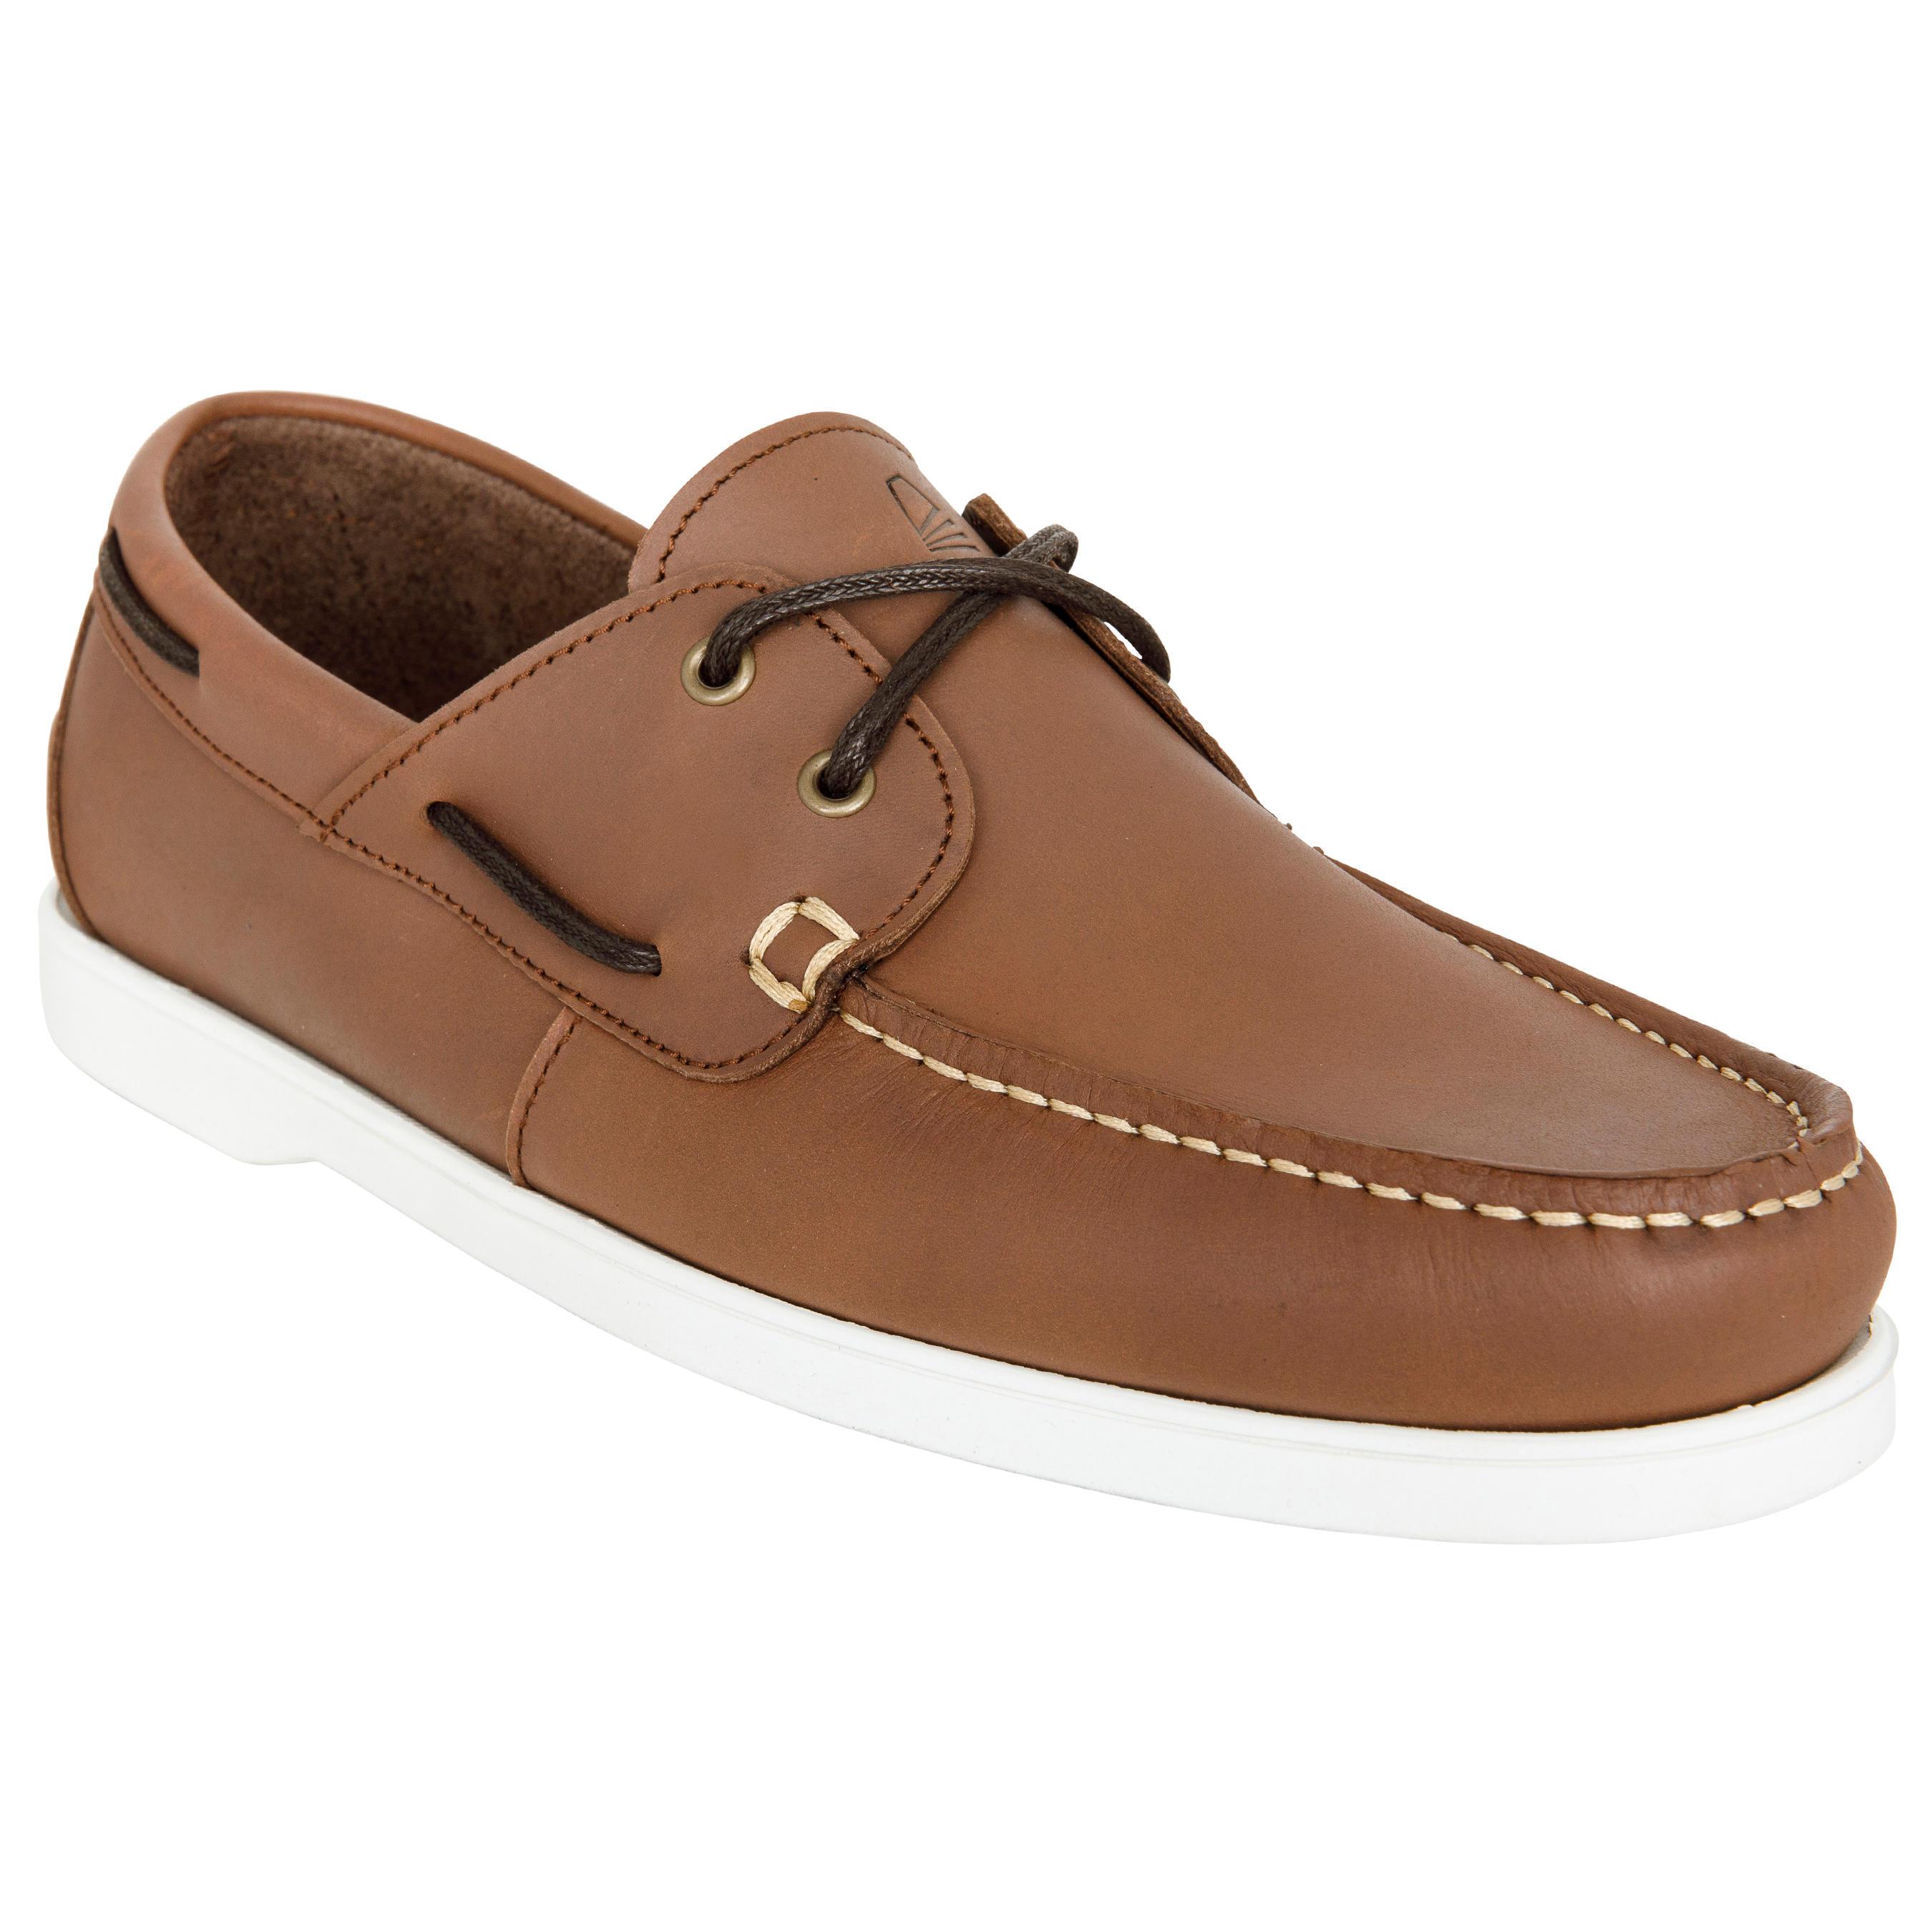 Tribord Leren bootschoenen CR500 voor heren bruin wit